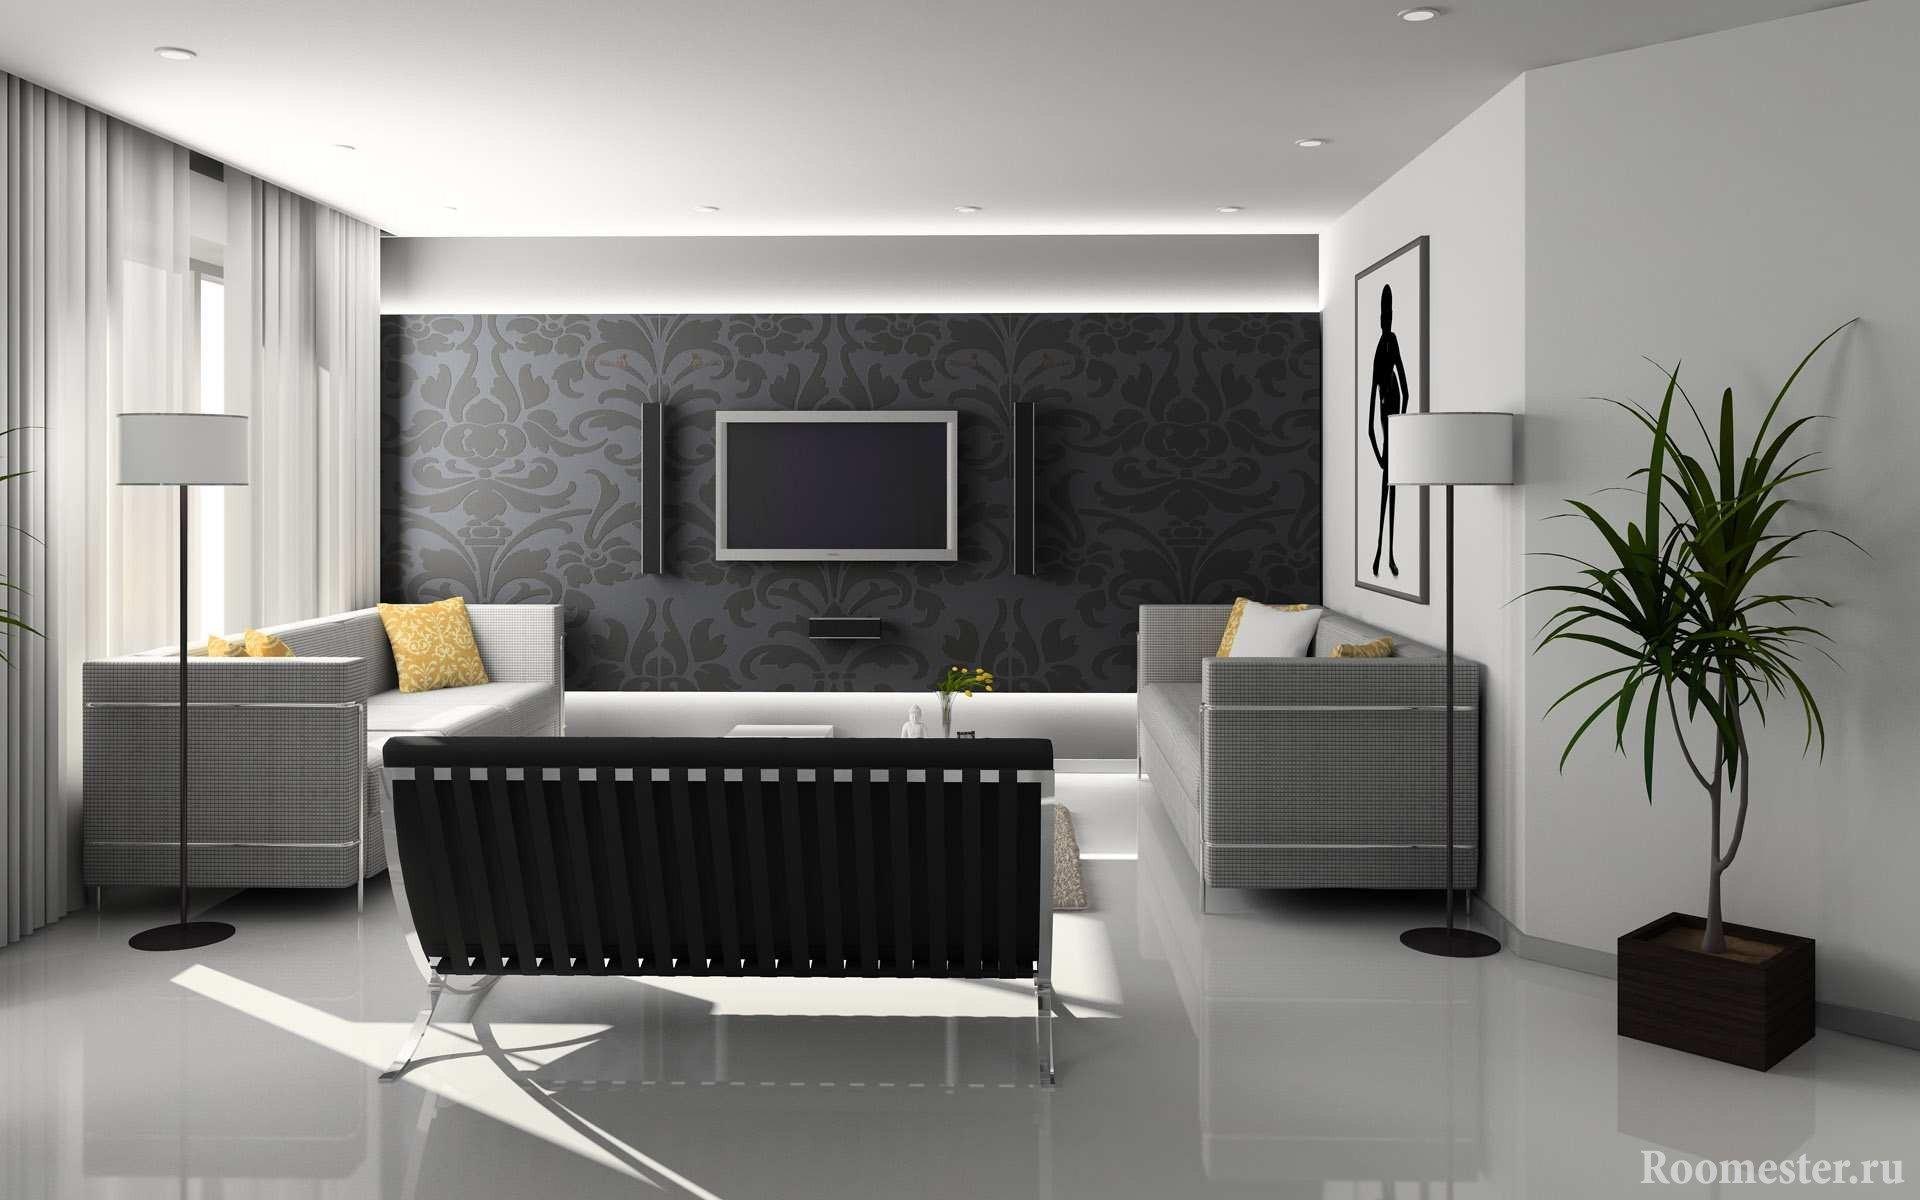 Сочетание черного и белого цветов в интерьере